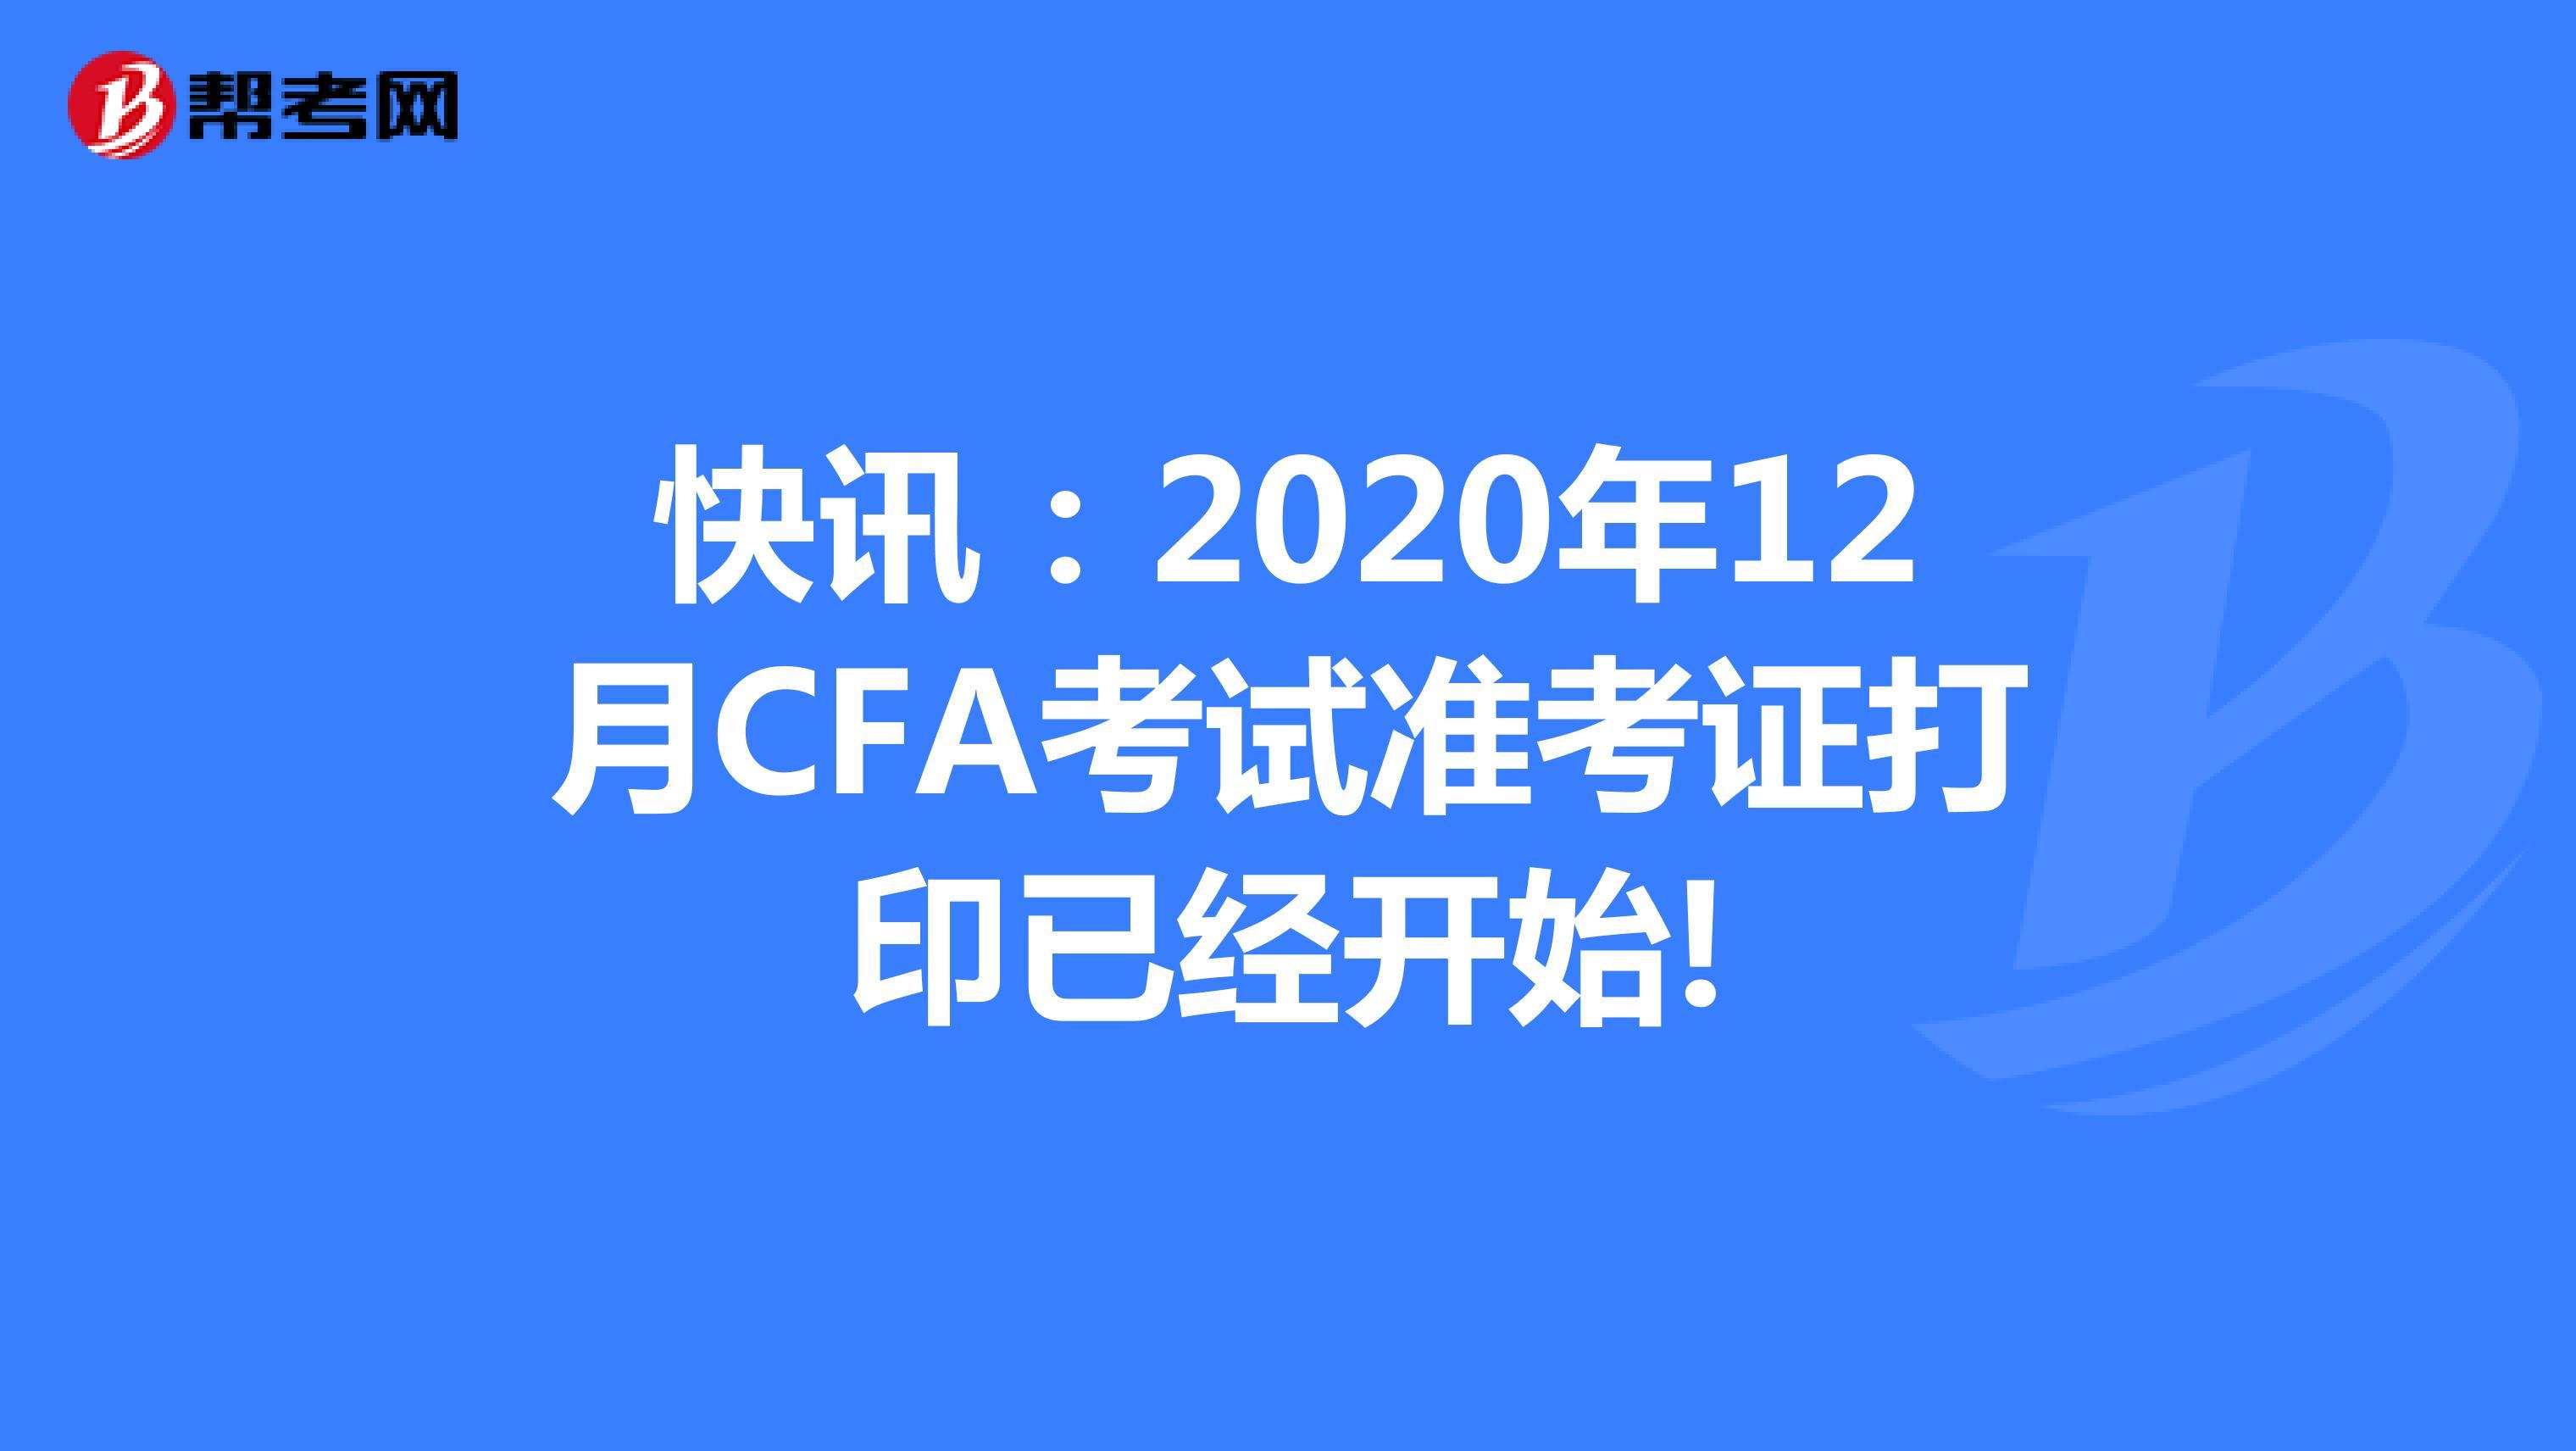 快讯:2020年12月CFA考试准考证打印已经开始!